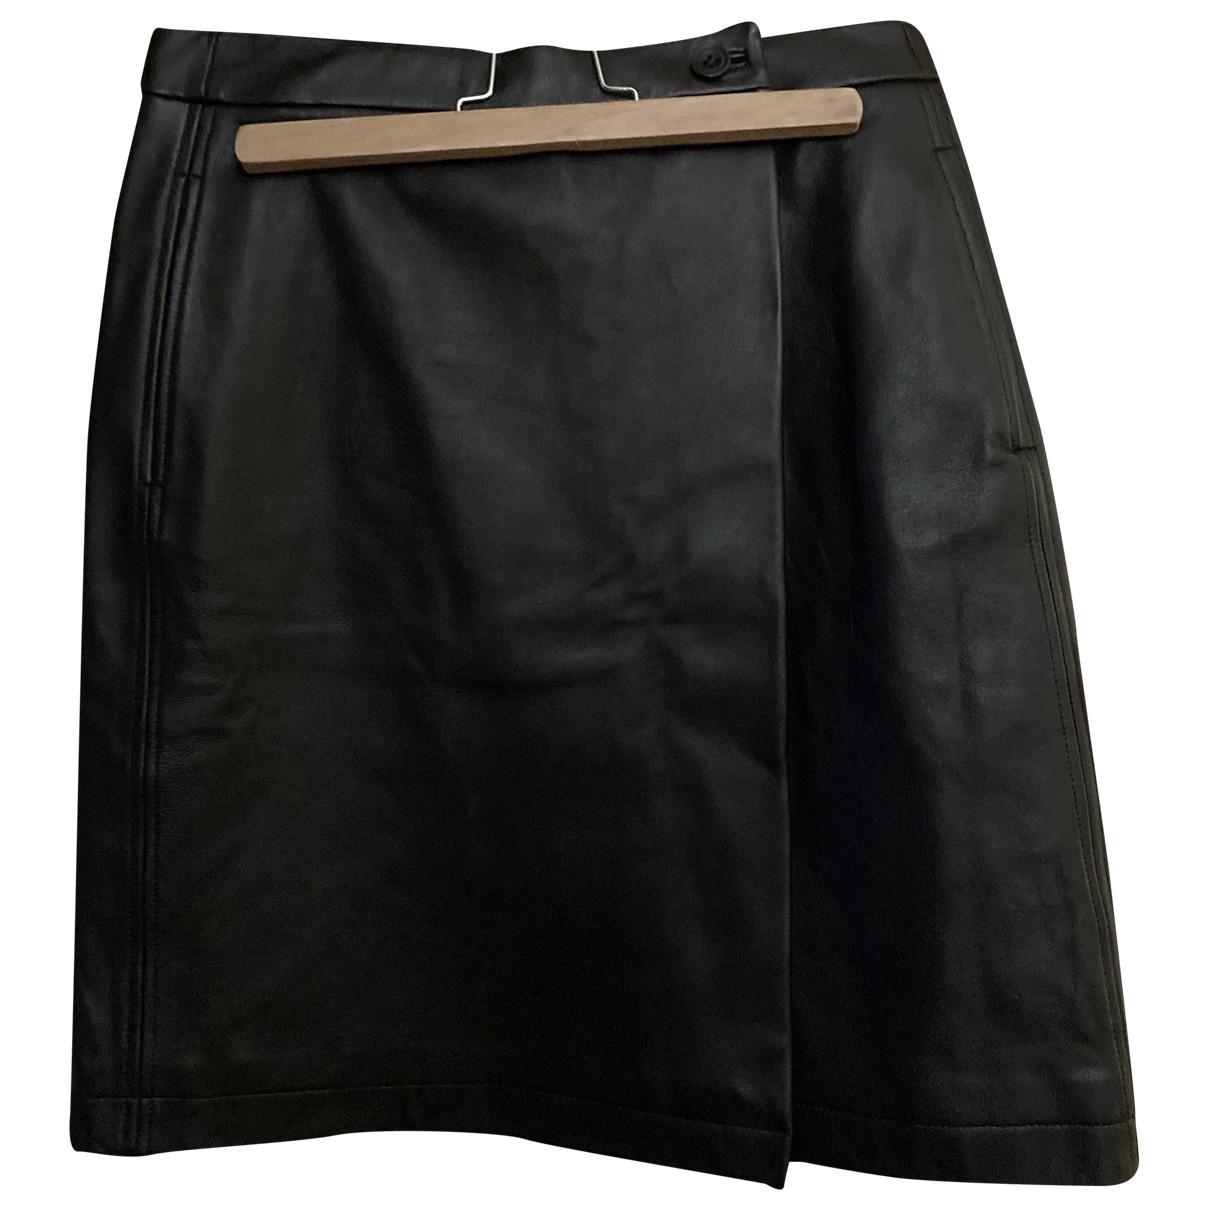 Soeur \N Black Leather skirt for Women 40 FR